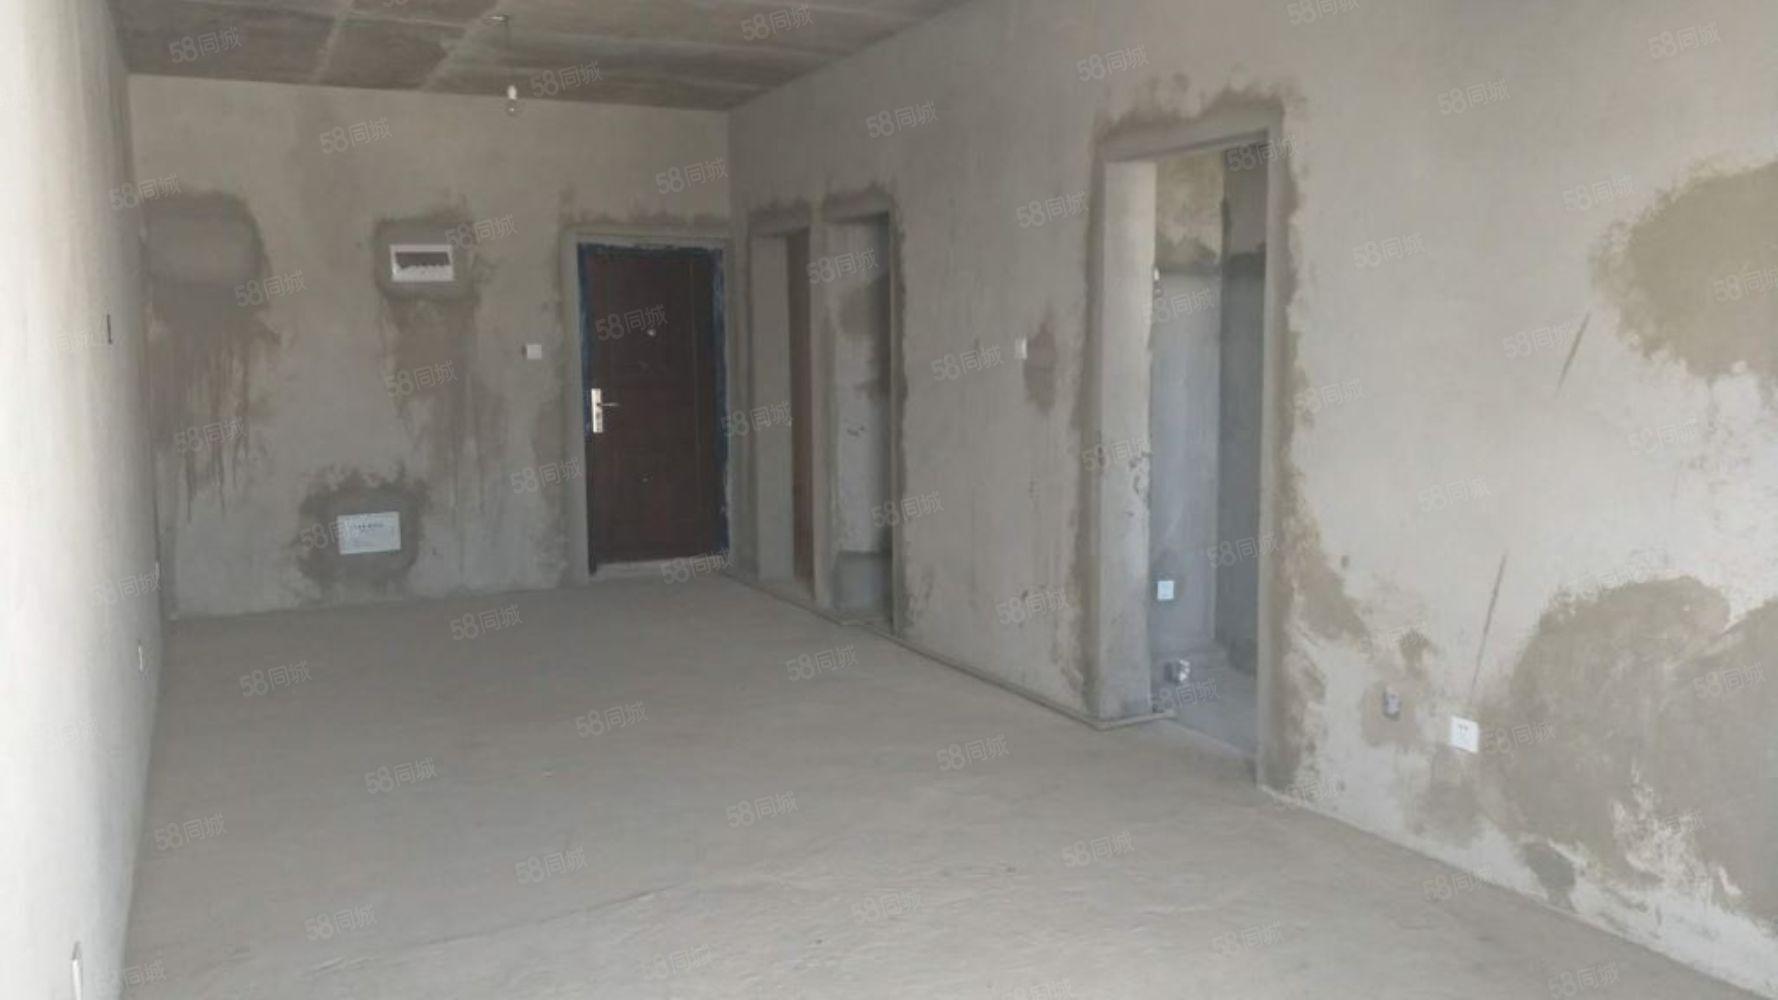 天德中�d好房急售,有需求的朋友�M快�系我看房吧,好房不等人。